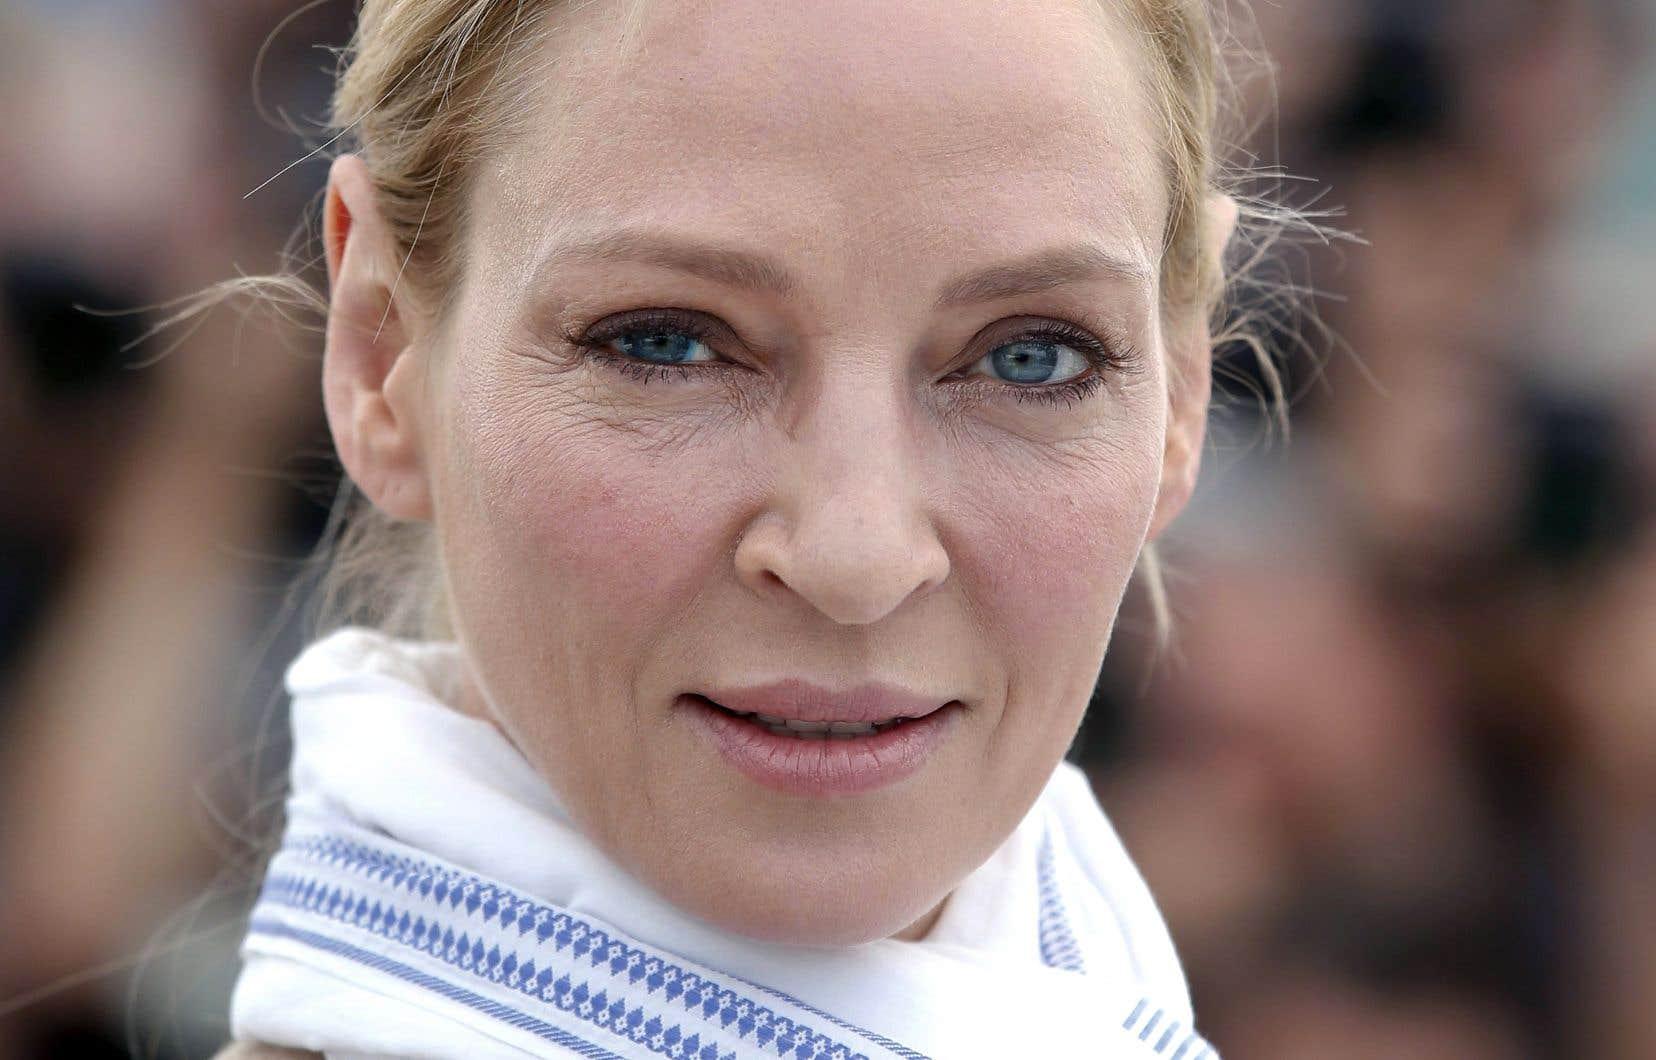 L'actrice au regard perçant a notamment travaillé avec Harvey Weinstein pour les films <em>Pulp Fiction</em> et <em>Kill Bill</em>.